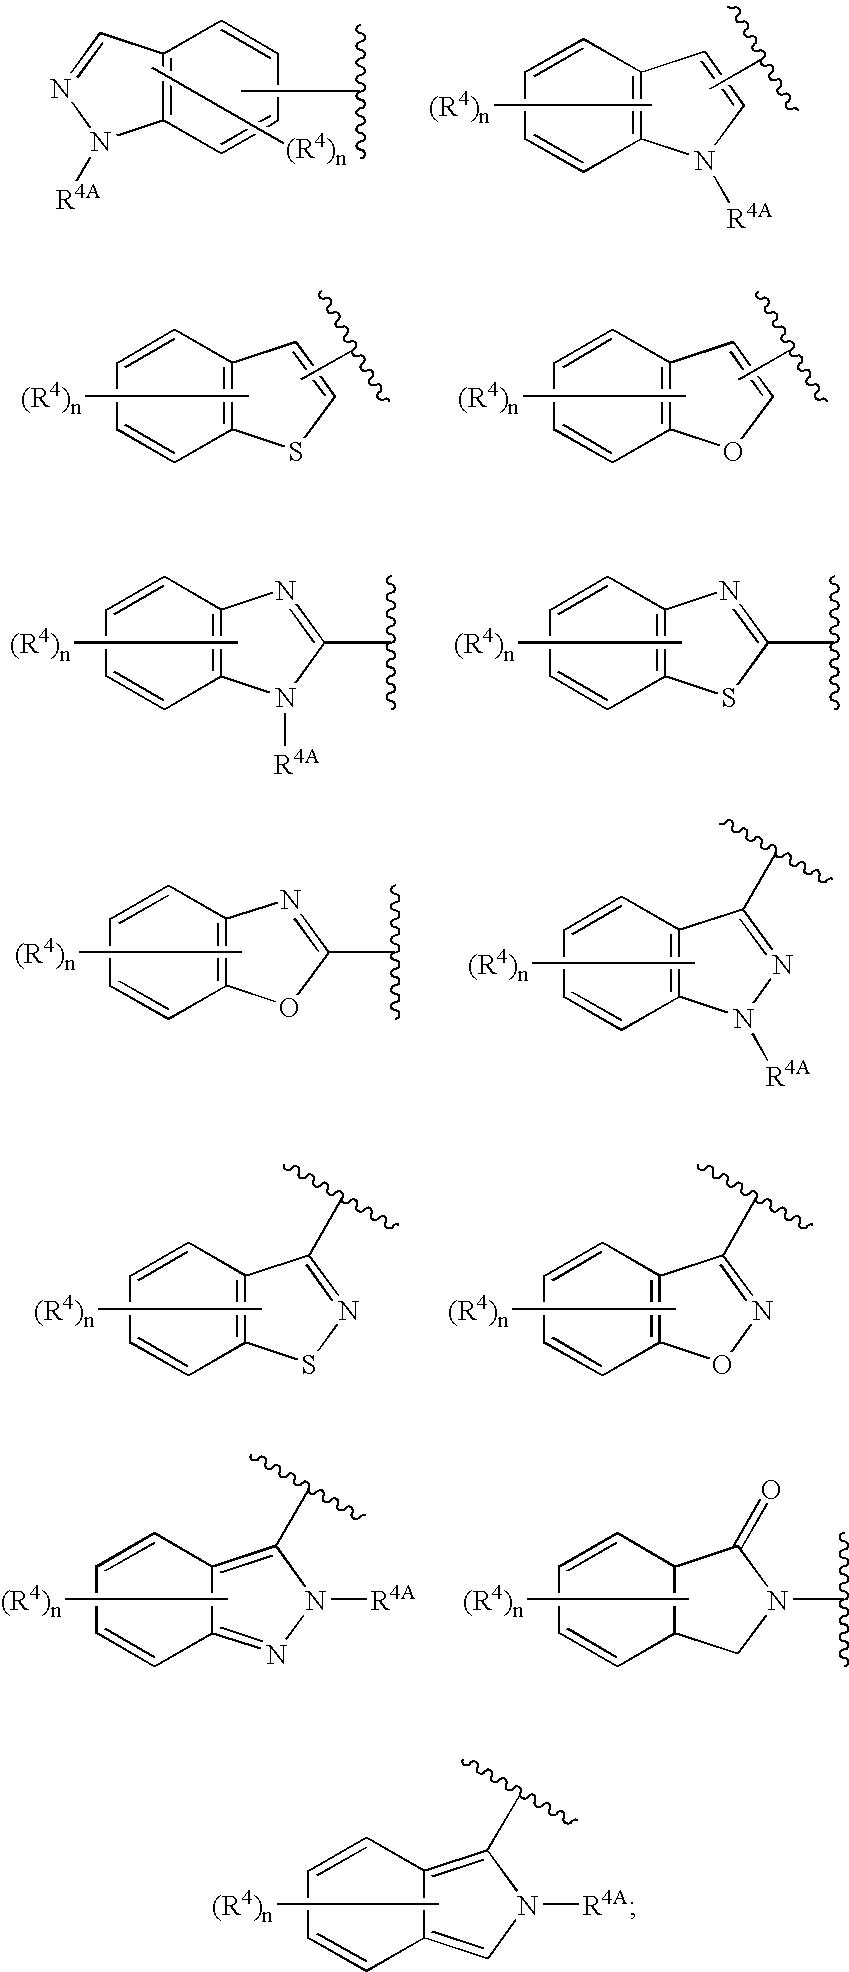 Figure US07790743-20100907-C00010